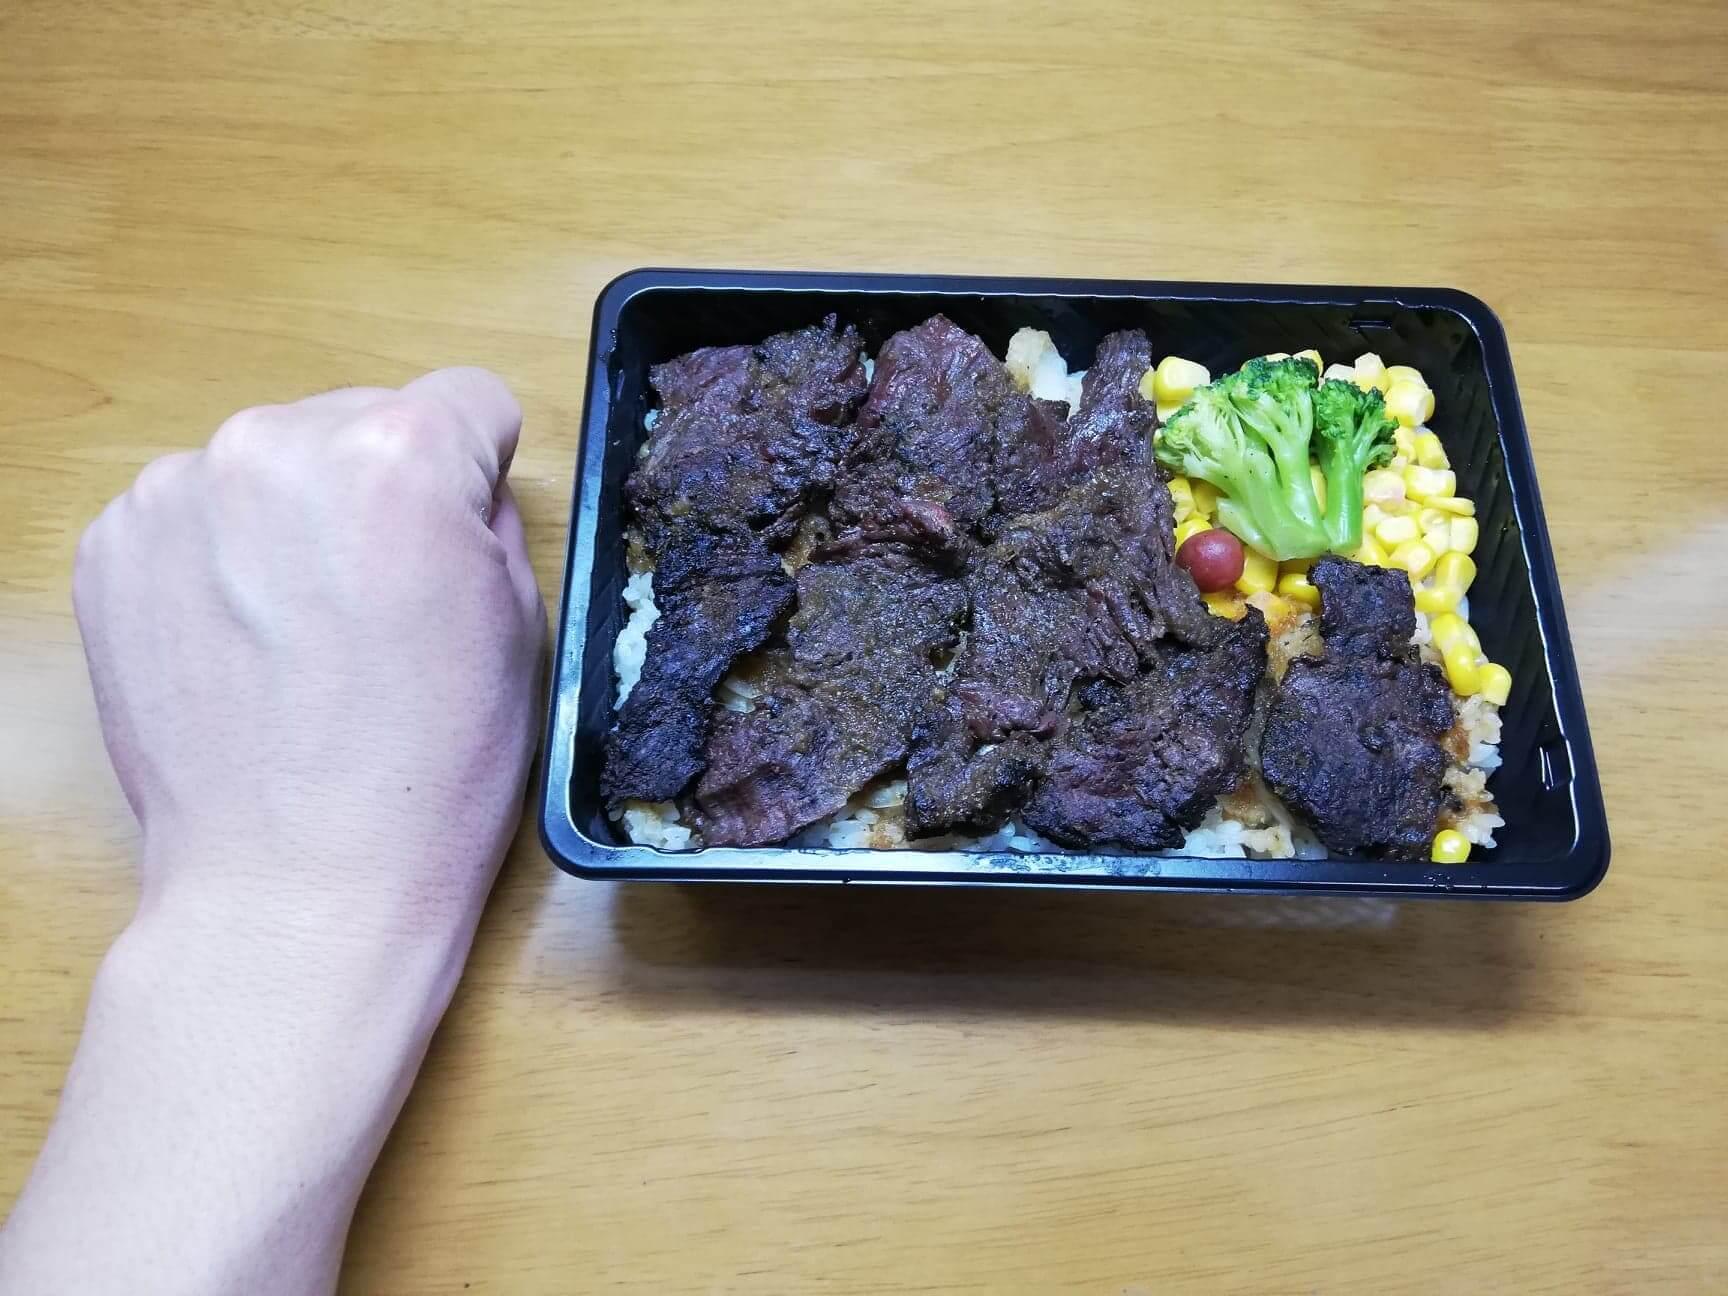 ブロンコビリーの『炭焼きハラミステーキ重』と拳のサイズ比較写真